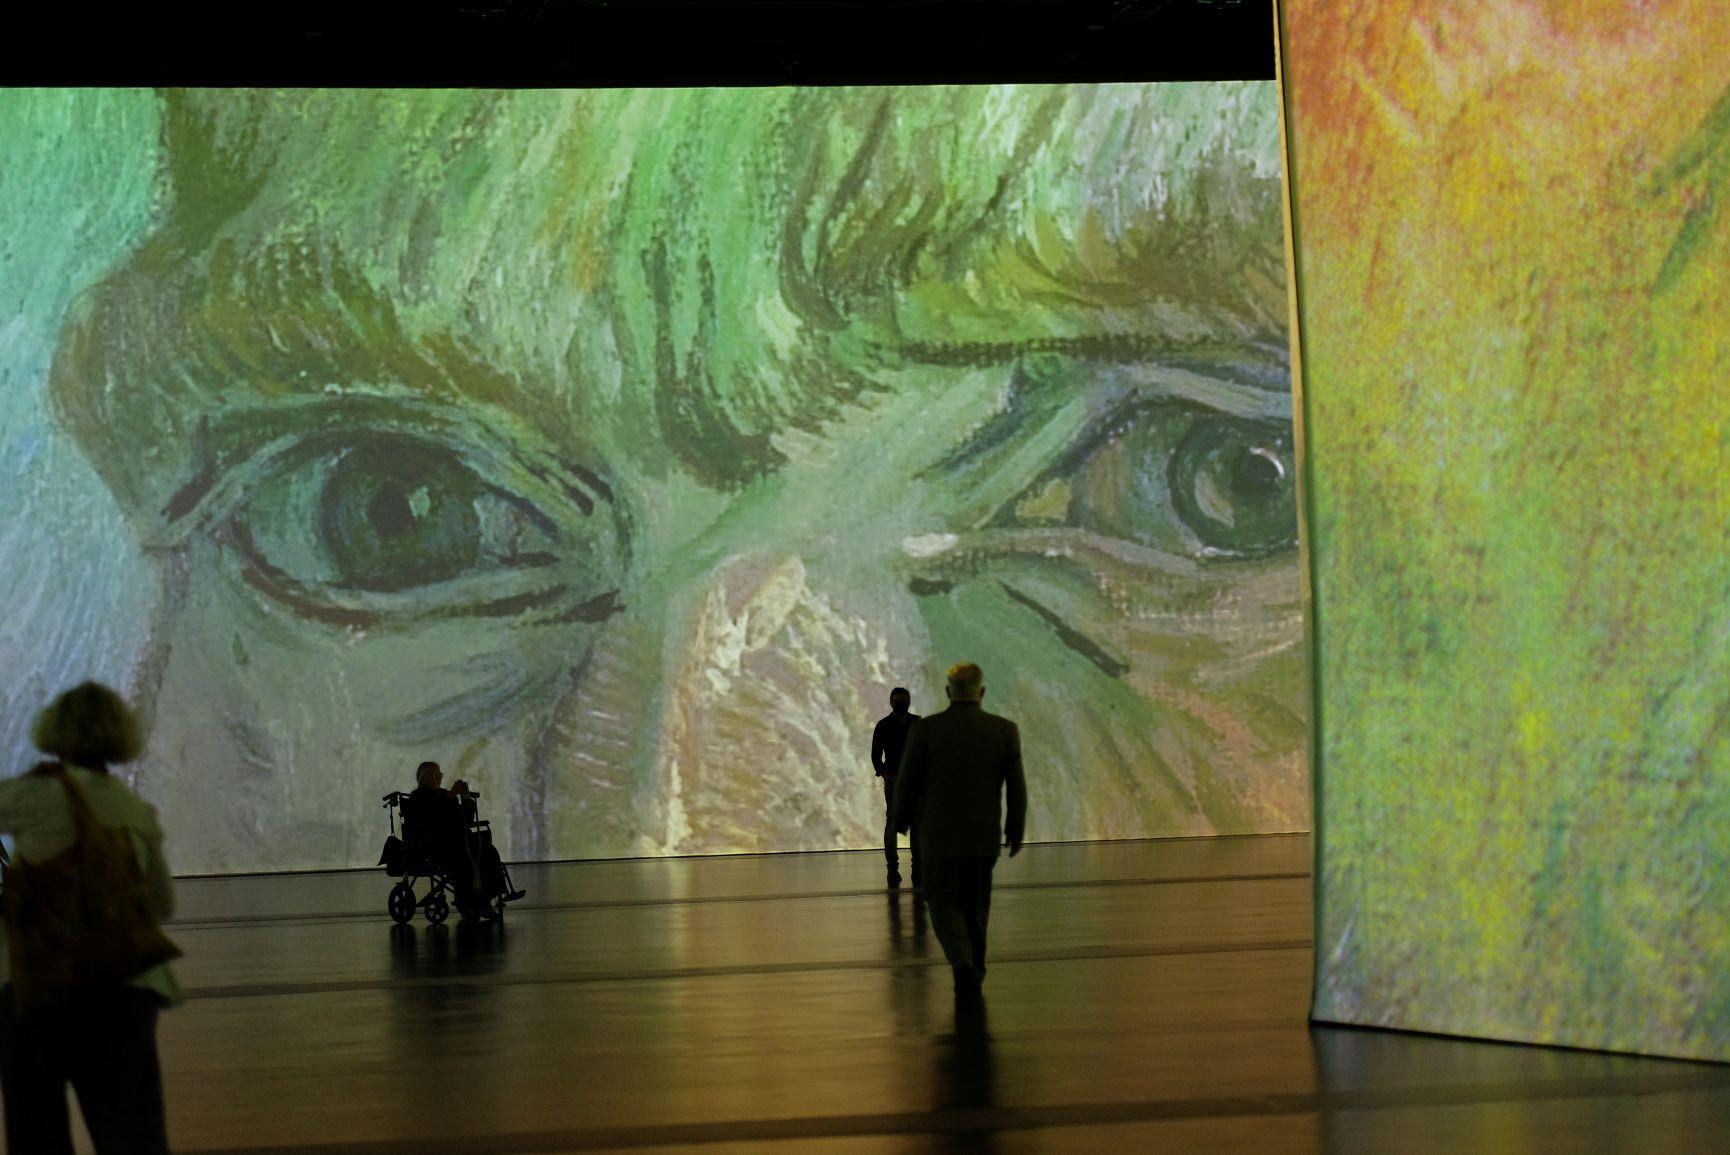 Yeux Van Gogh